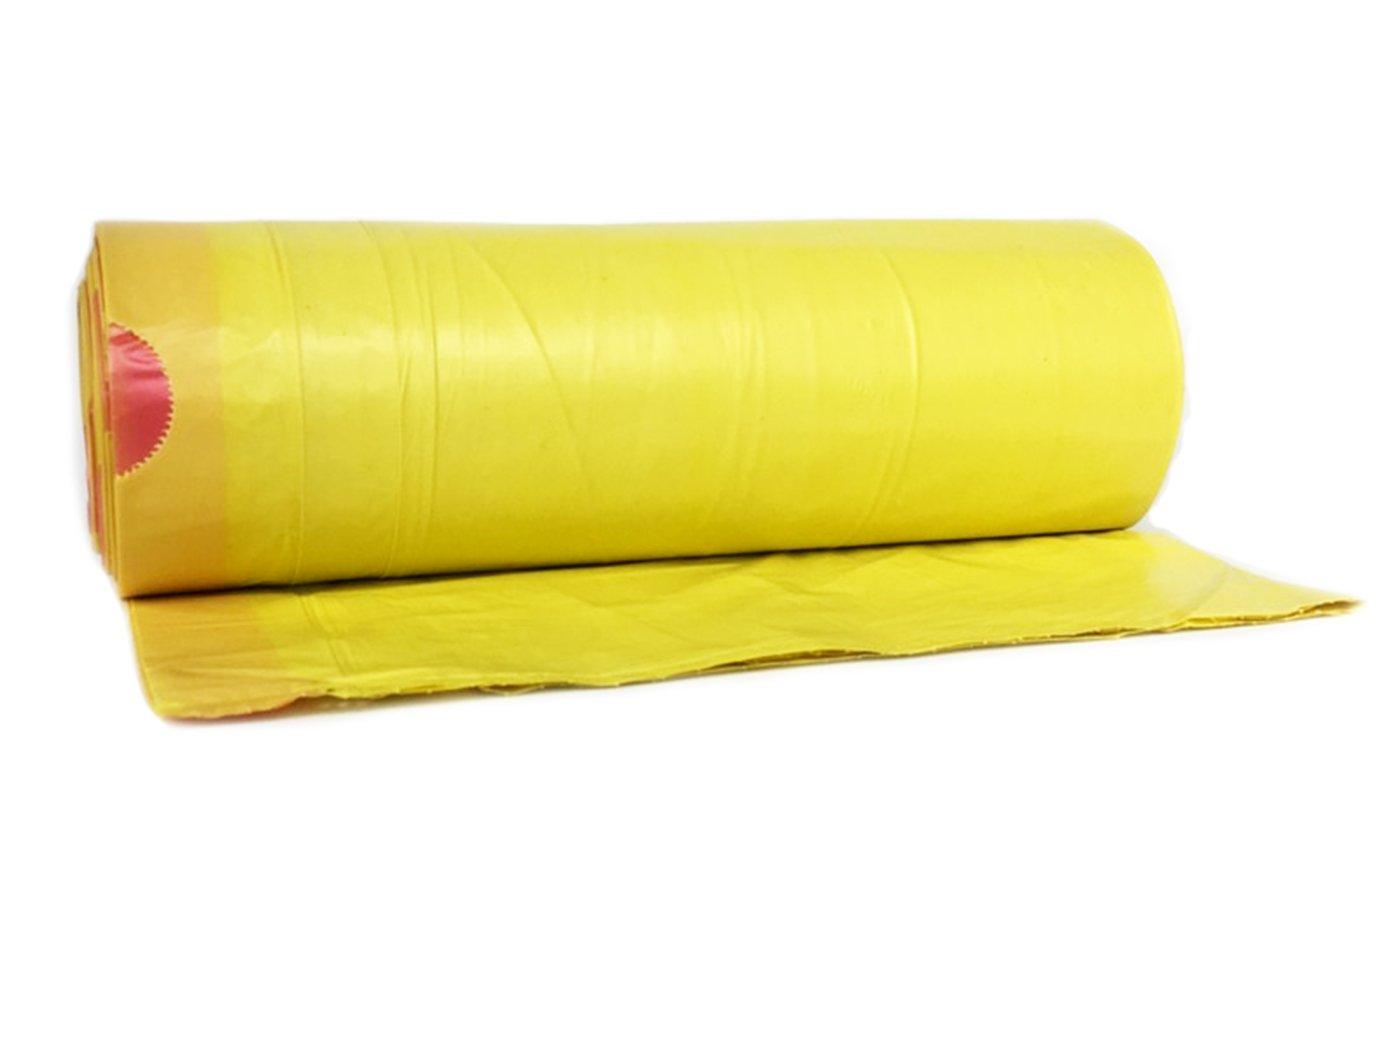 LDPE mit Zugband ✔ Gelb Abfall-S/äcke XXL Abfallbeutel 2 Rollen ✔ Typ 949 hocz 50 x 120 Liter M/üllsack 25er Rolle 50 St/ück M/üllbeutel M/üllsacke 40 /μ rei/ßfest ✔